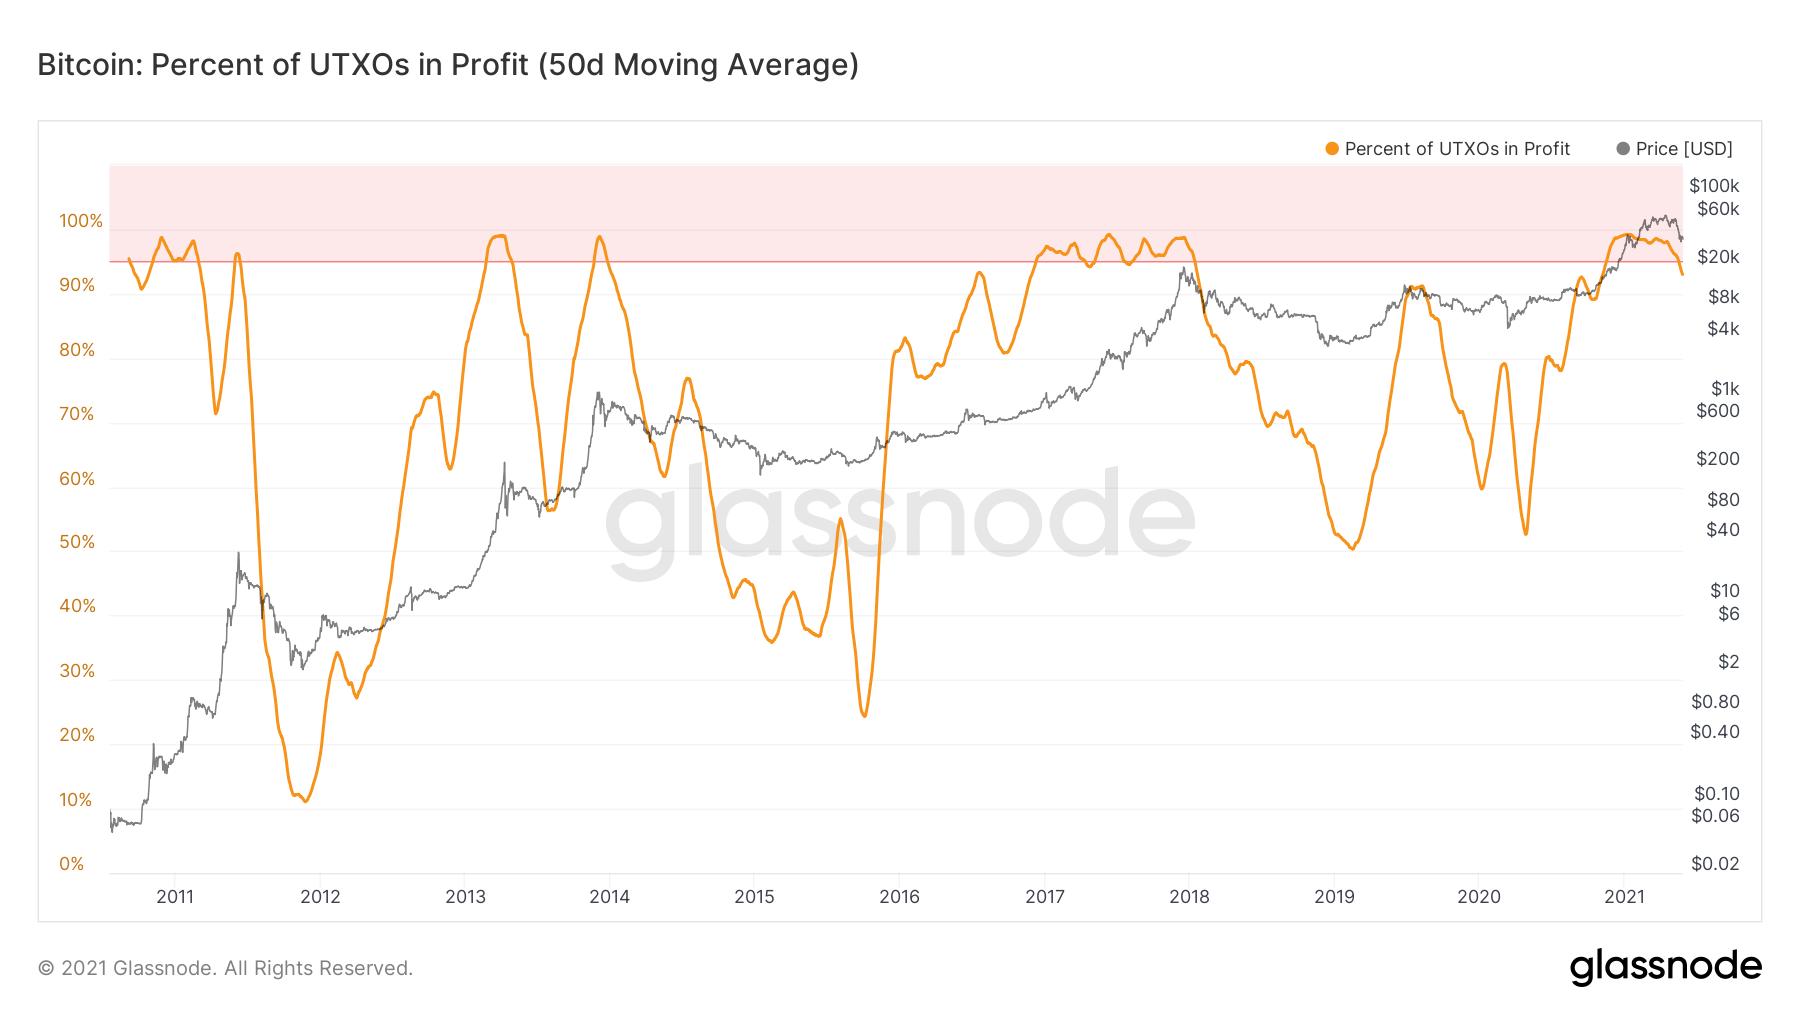 BTC percent UTXOs in profit chart